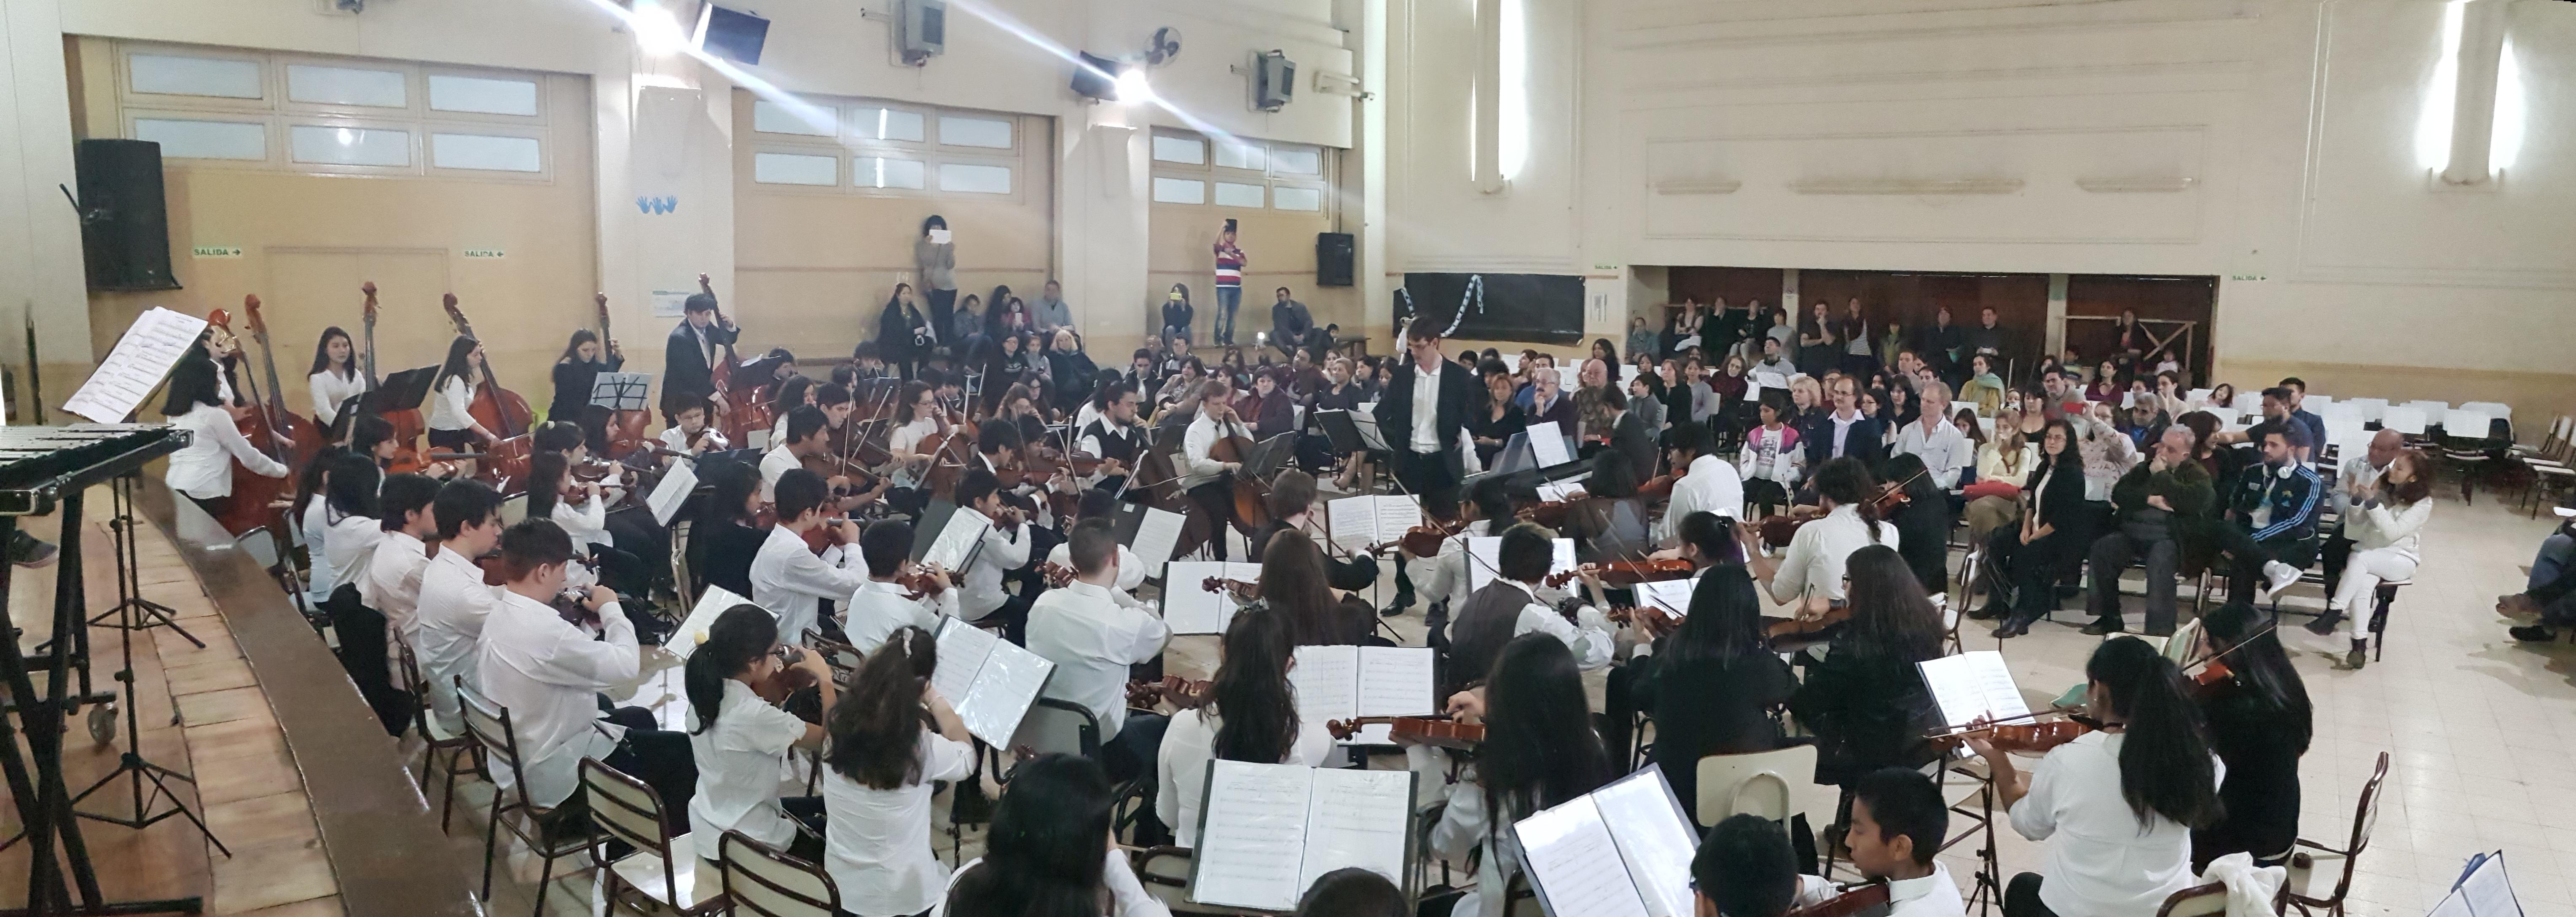 Je dirige un ensemble de jeunes à Buenos Aires